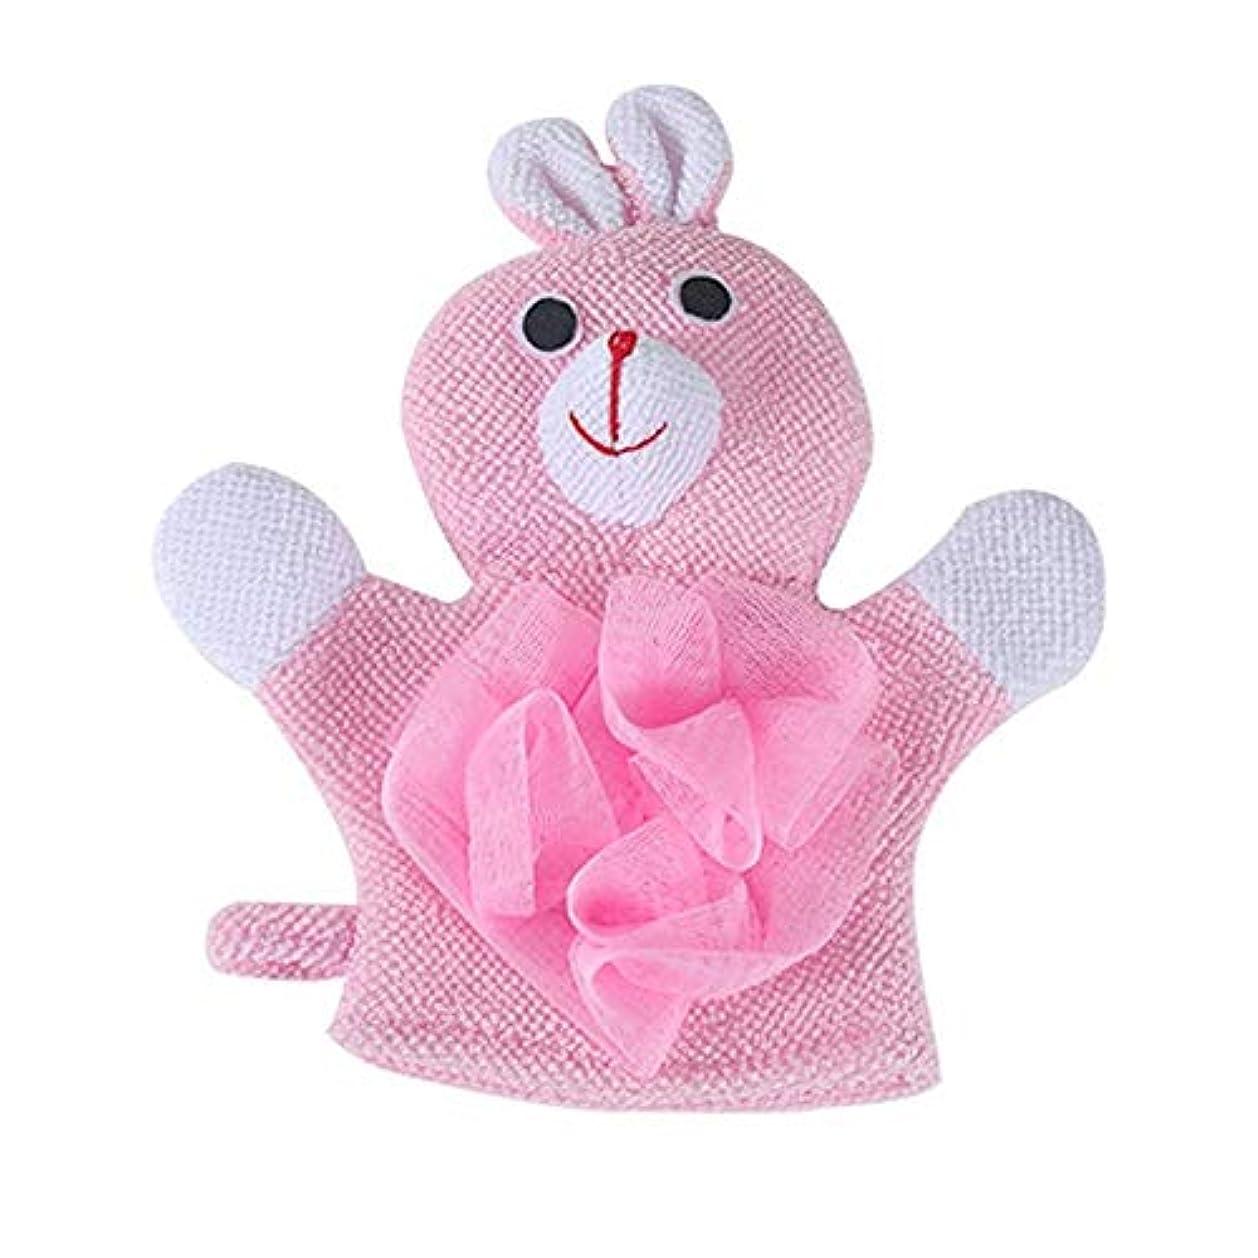 マトリックス確かなソフトウェアBTXXYJP お風呂用手袋 あかすり シャワー手袋 ボディブラシ やわらか バス用品 ボディタオル 角質除去 (Color : Pink)